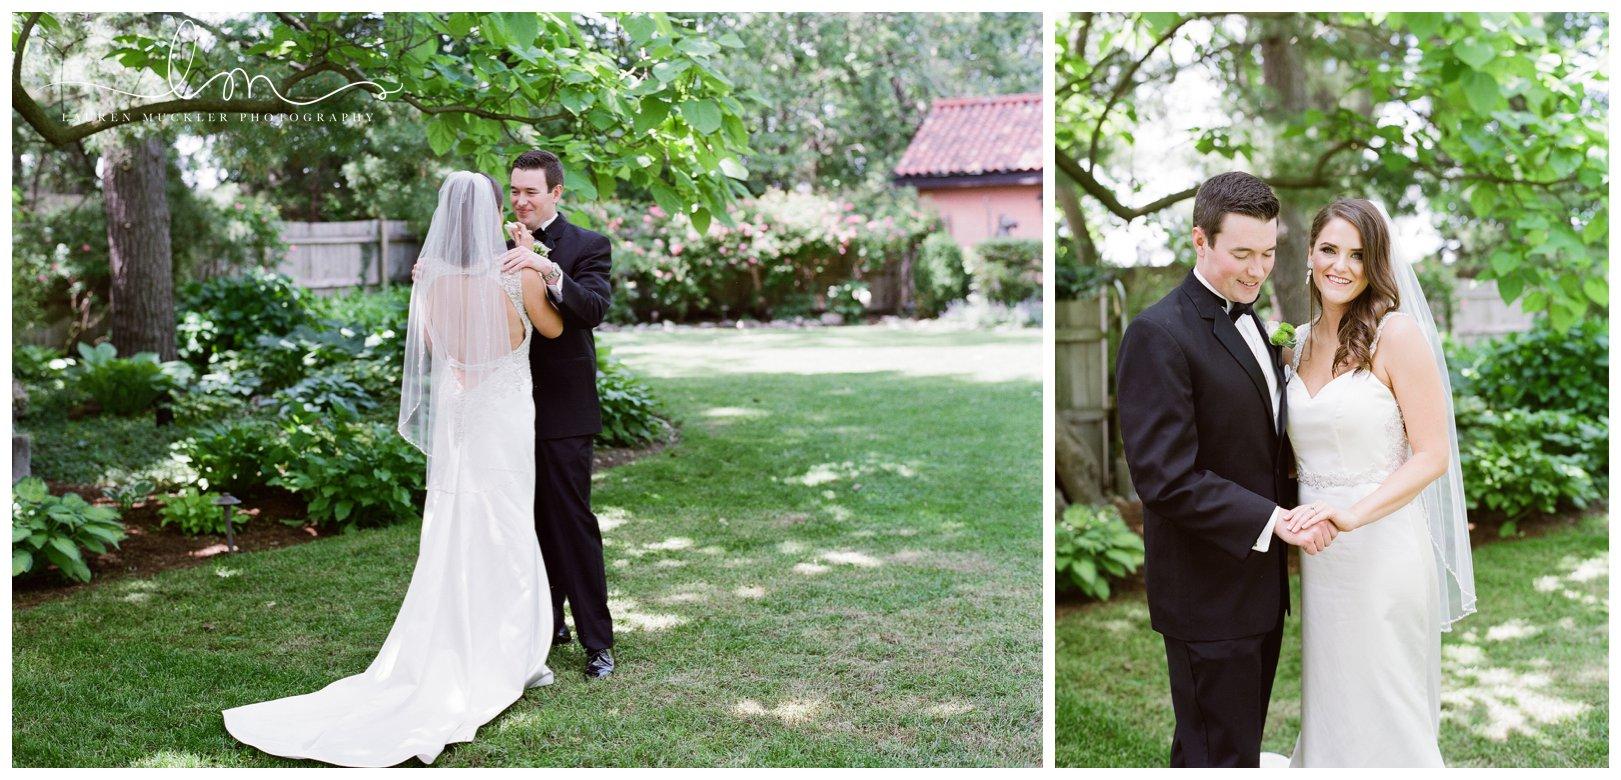 lauren muckler photography_fine art film wedding photography_st louis_photography_0214.jpg